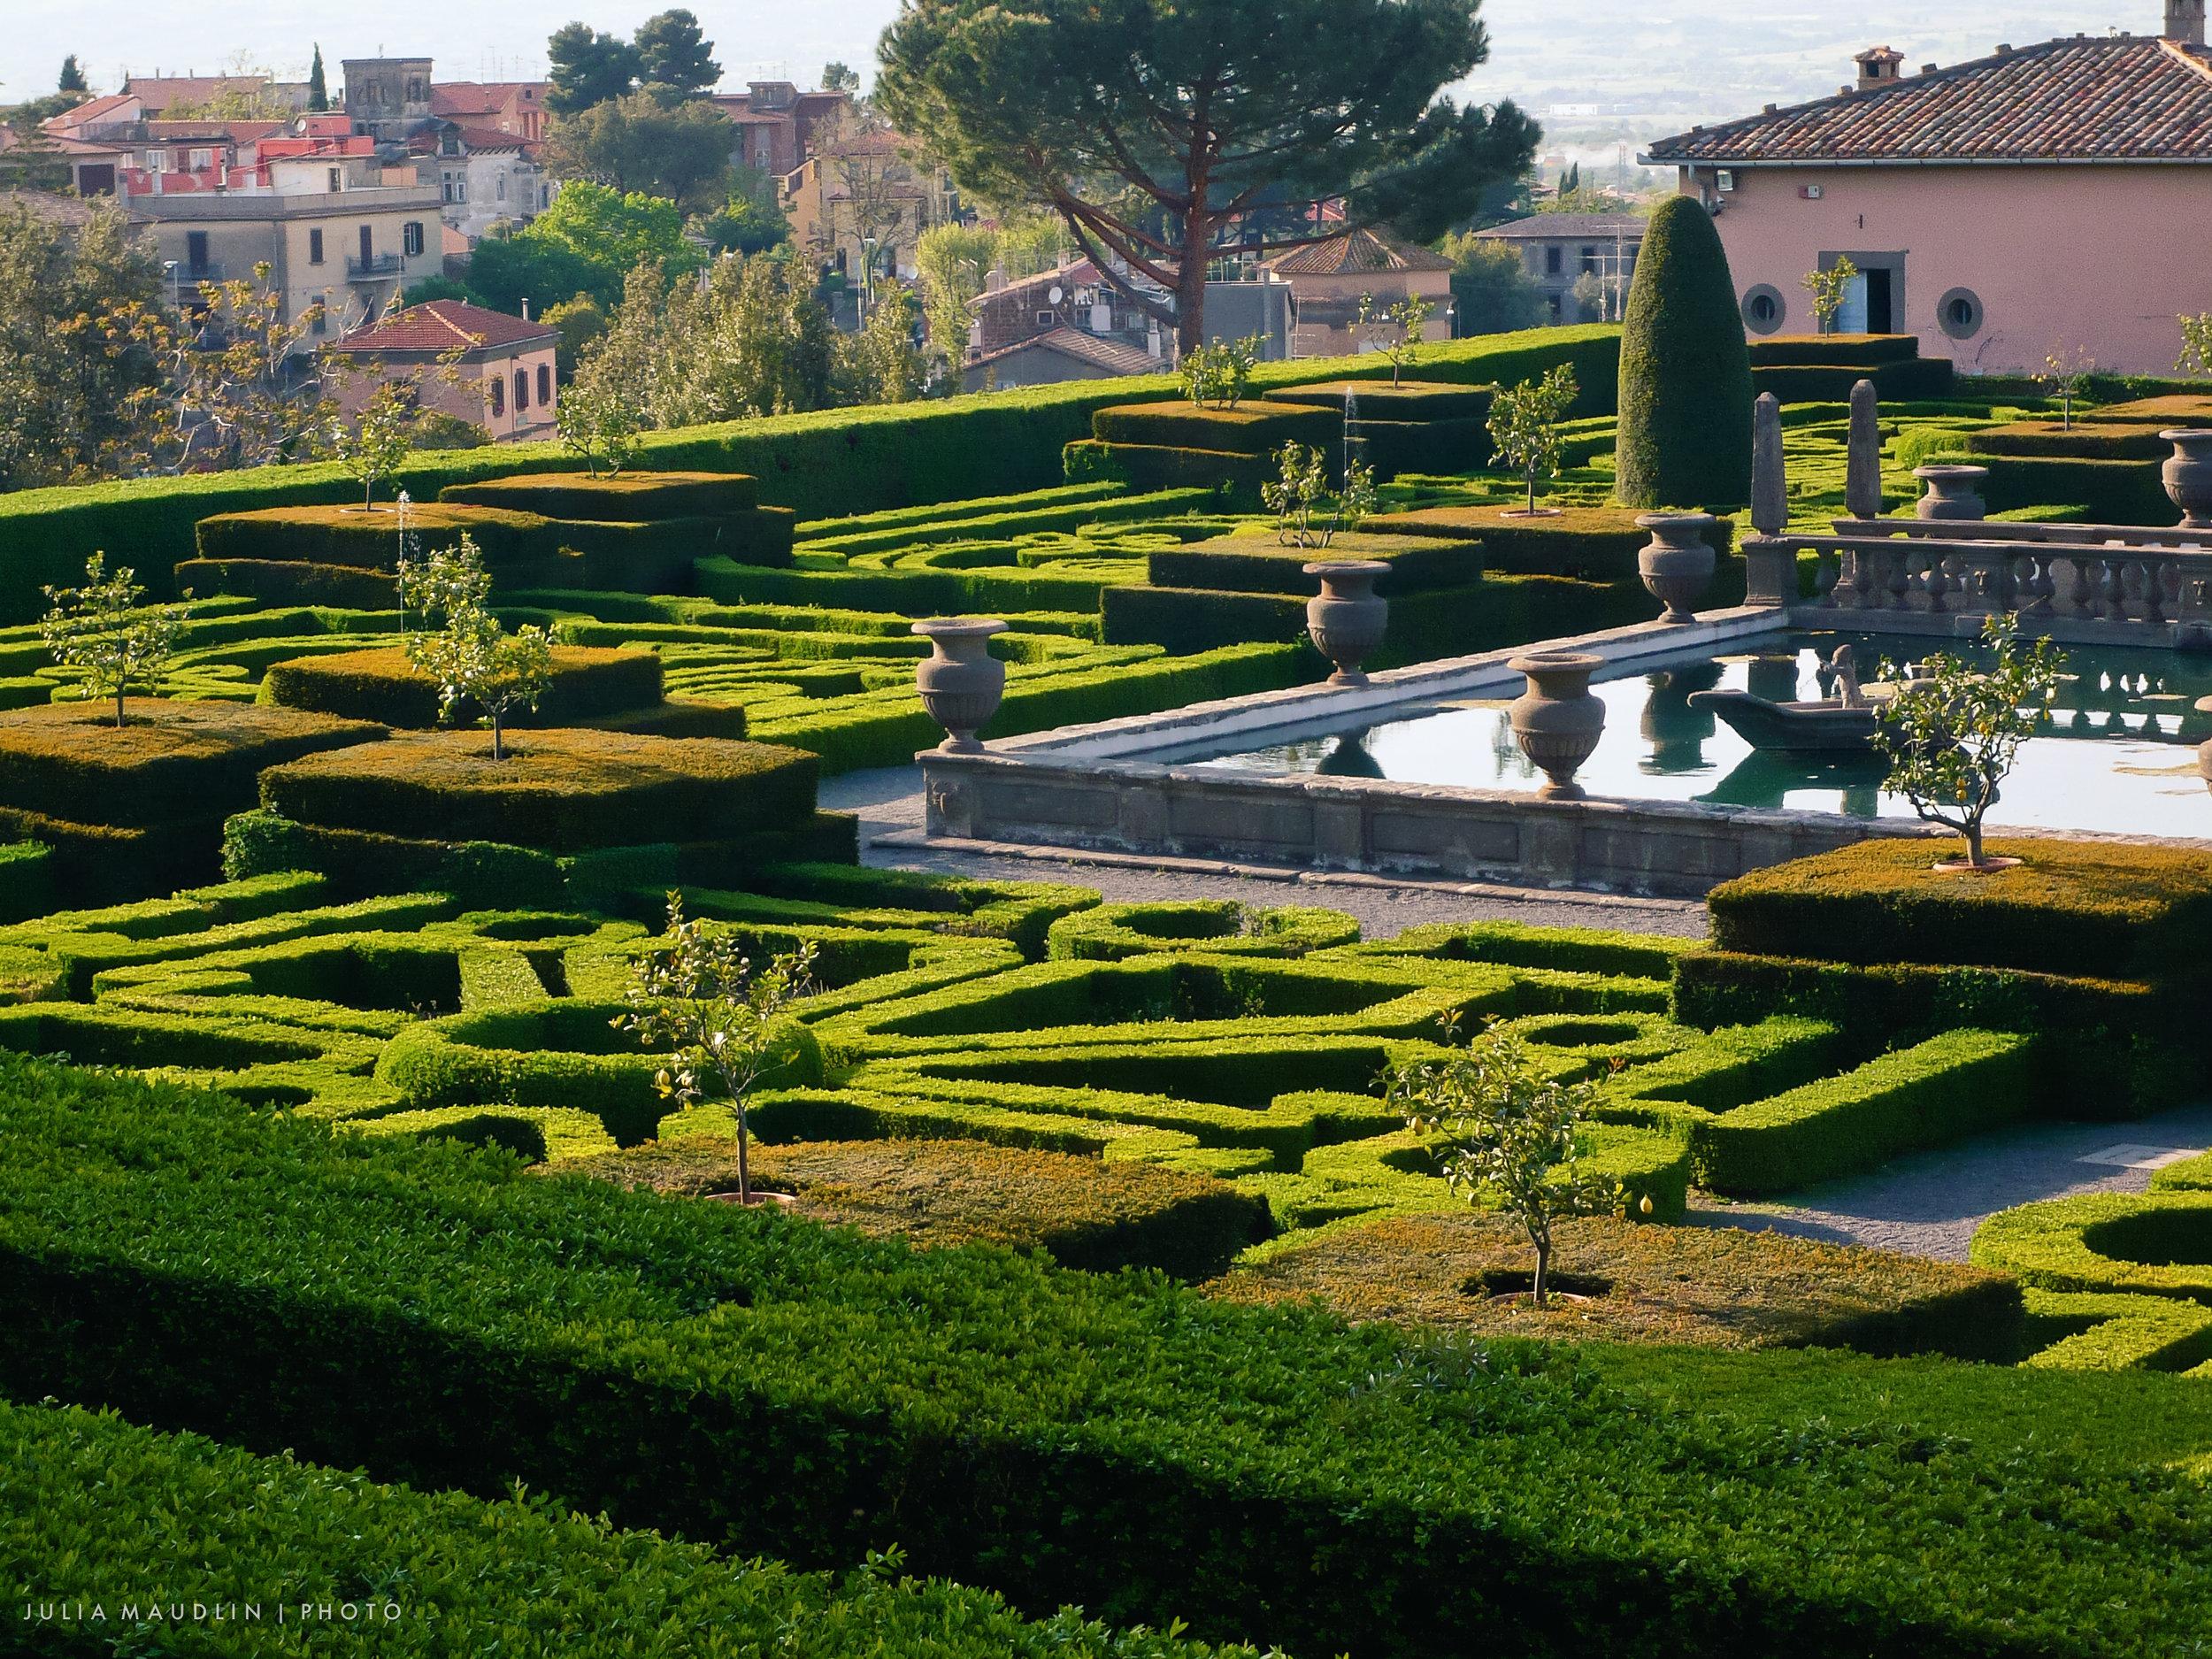 Villa Lante, Bagnaia Julia Maudlin CC BY SA 2.0.jpg